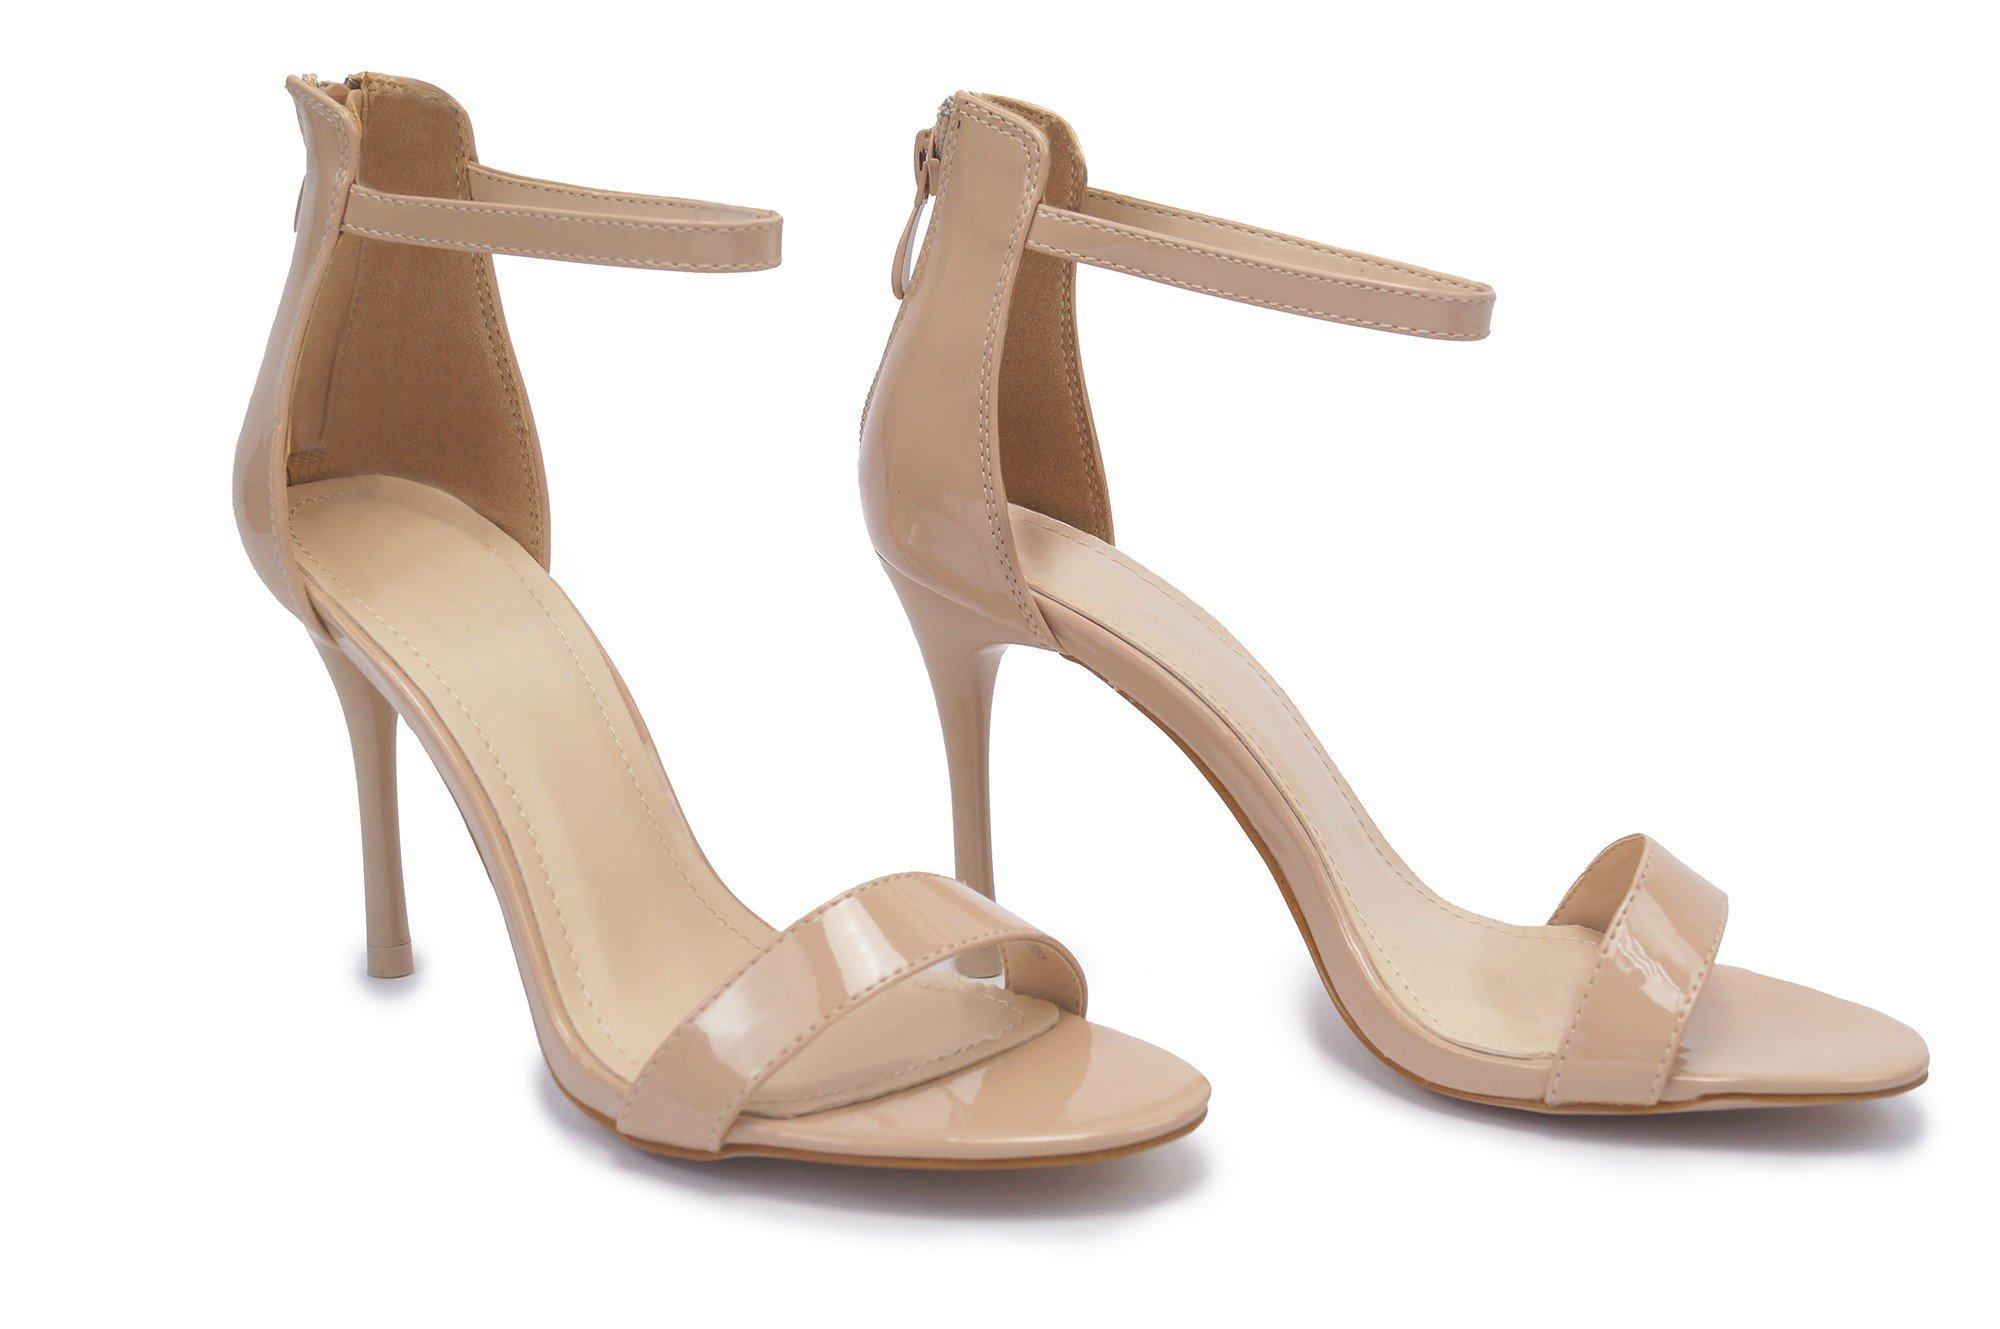 31553f07ef79b Béžové sandále Irina · Kliknite pre zväčšenie obrázku